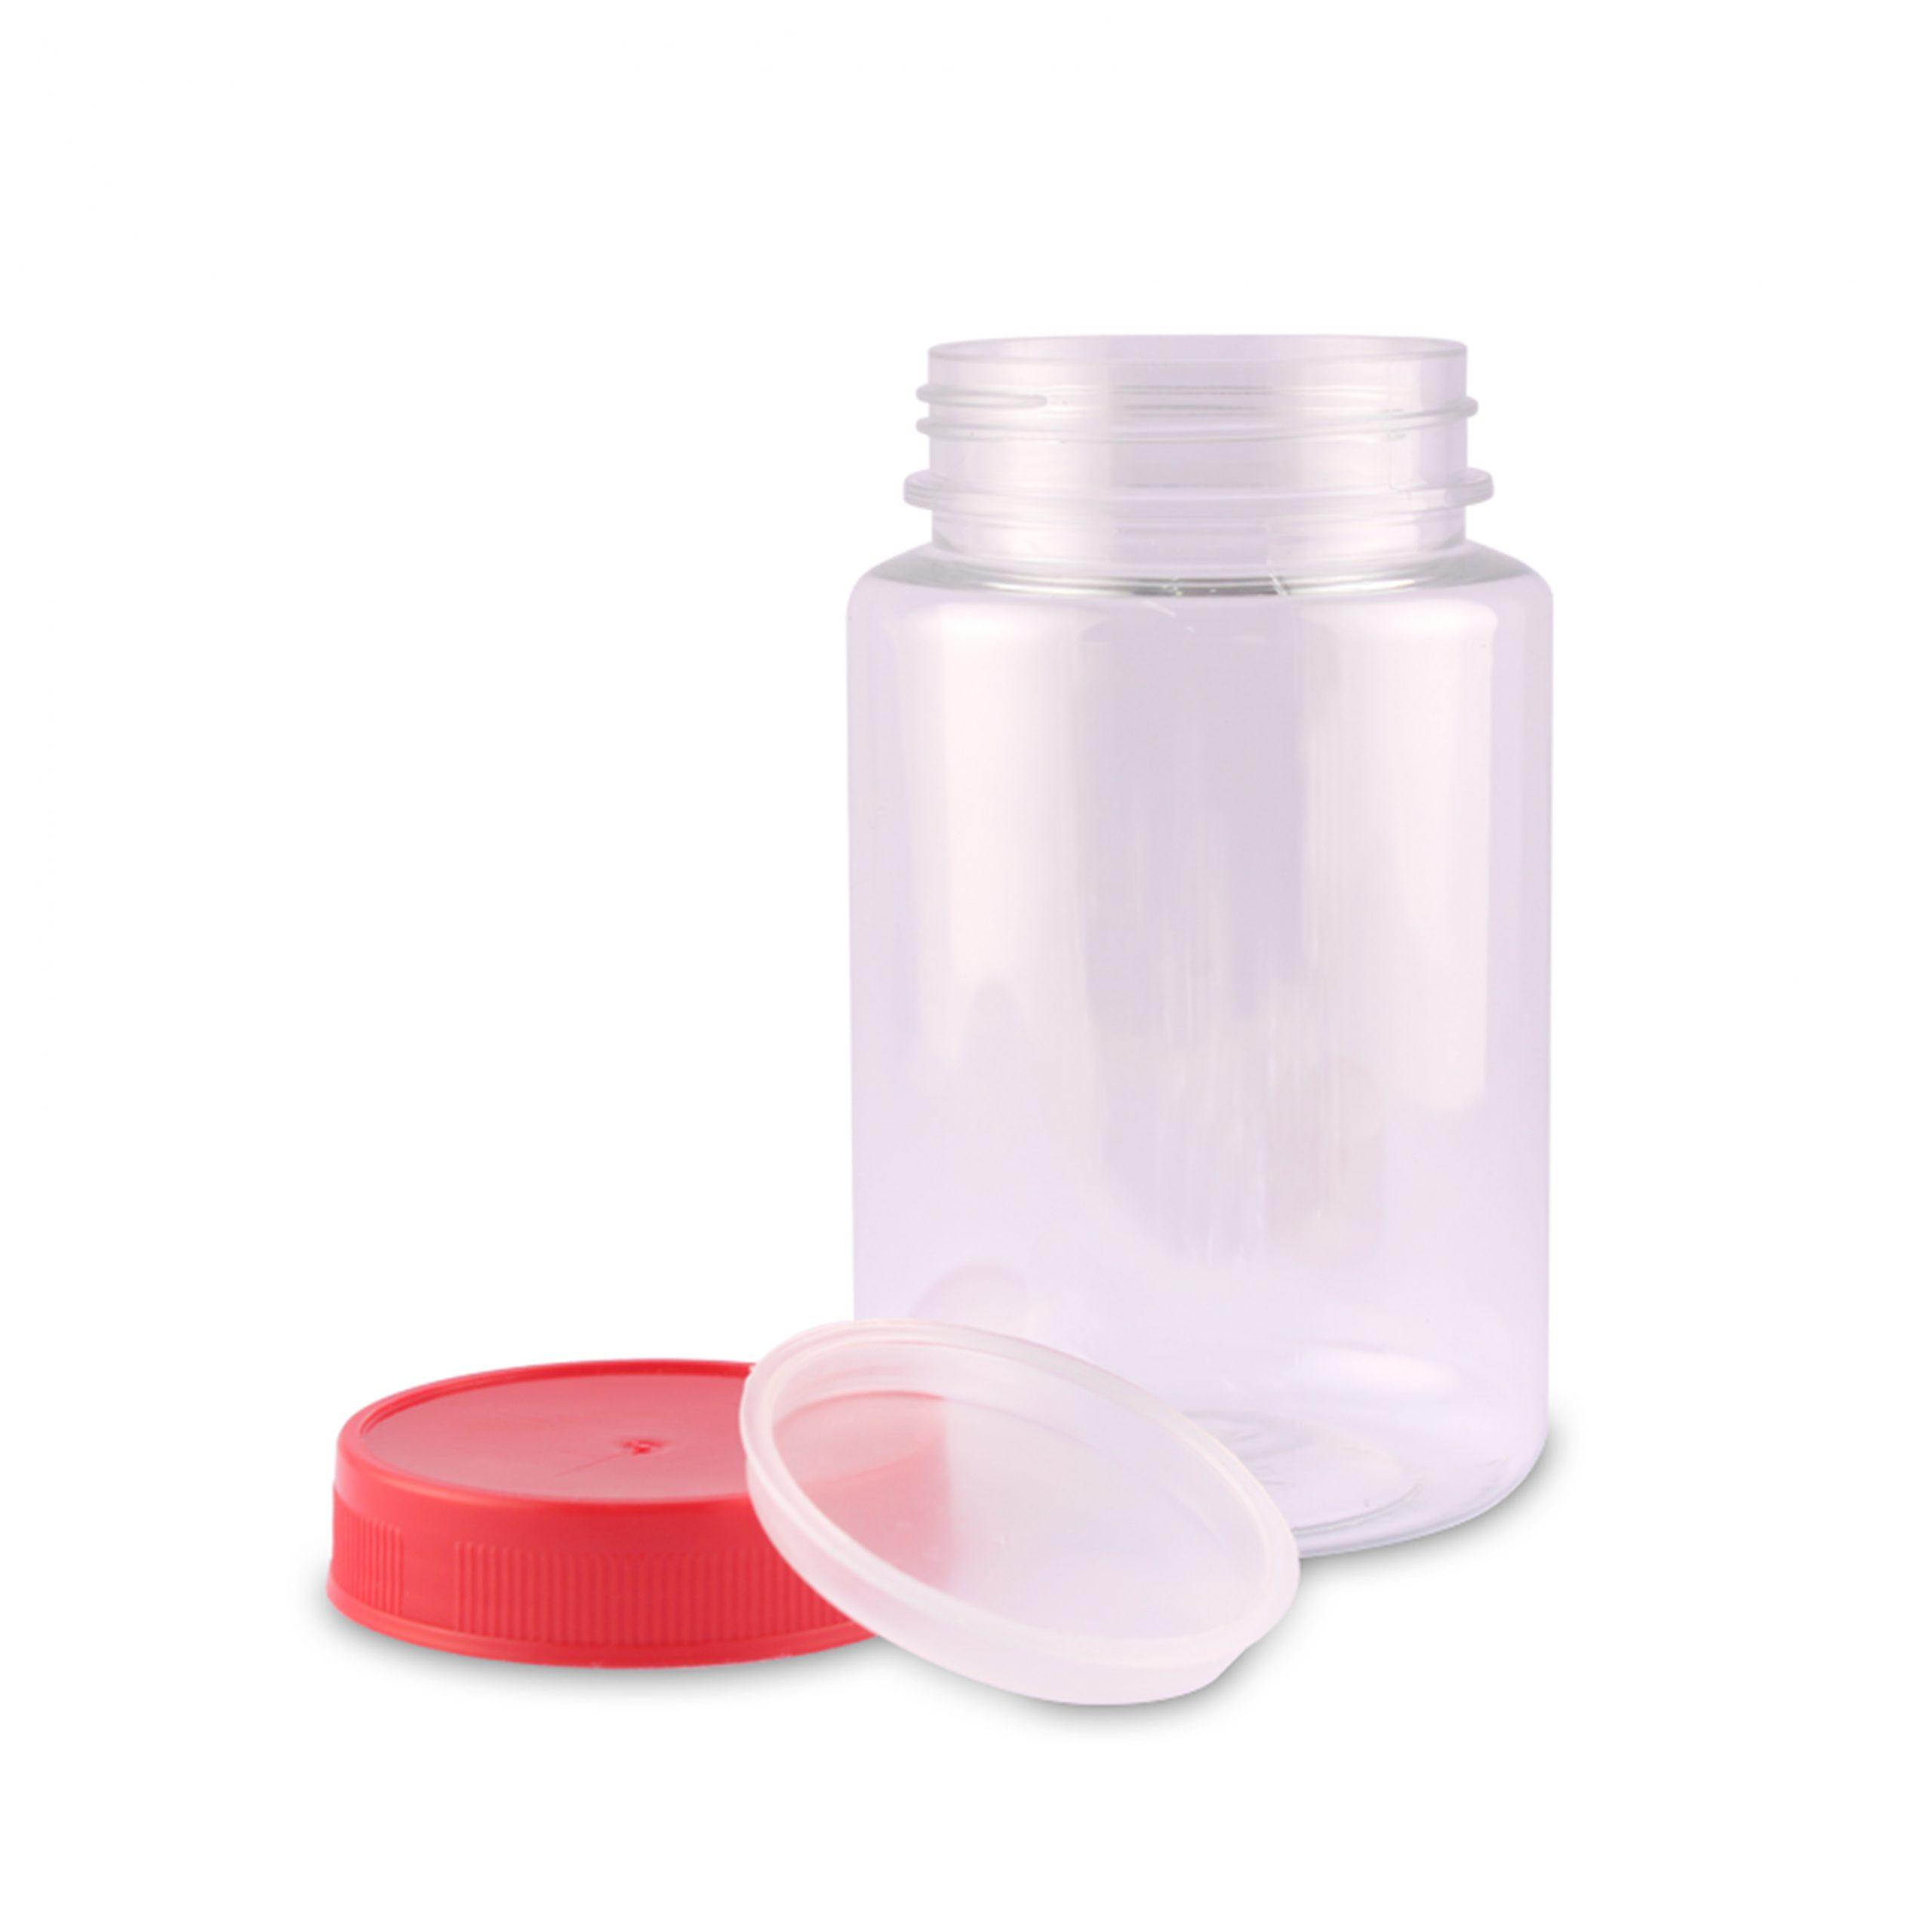 Toko Kemasan Plastik Udang 300 ml Berkualitas